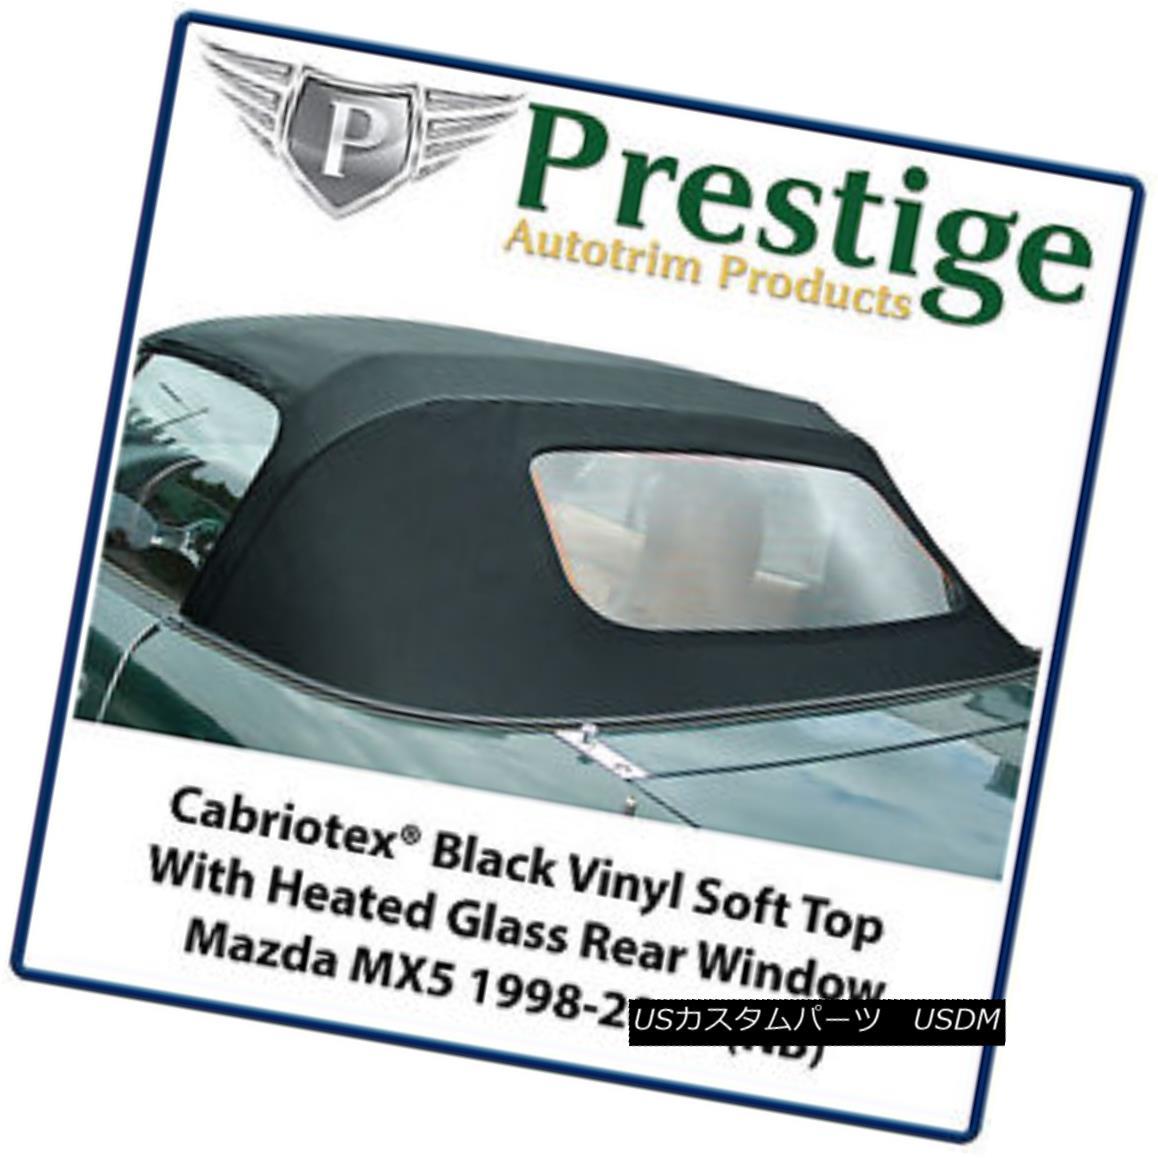 幌・ソフトトップ Mazda MX5 MX-5 Mk2 (NB) Glass Window Vinyl Soft Top 1998-2005 マツダMX5 MX-5 Mk2(NB)ガラス窓ビニールソフトトップ1998-2005